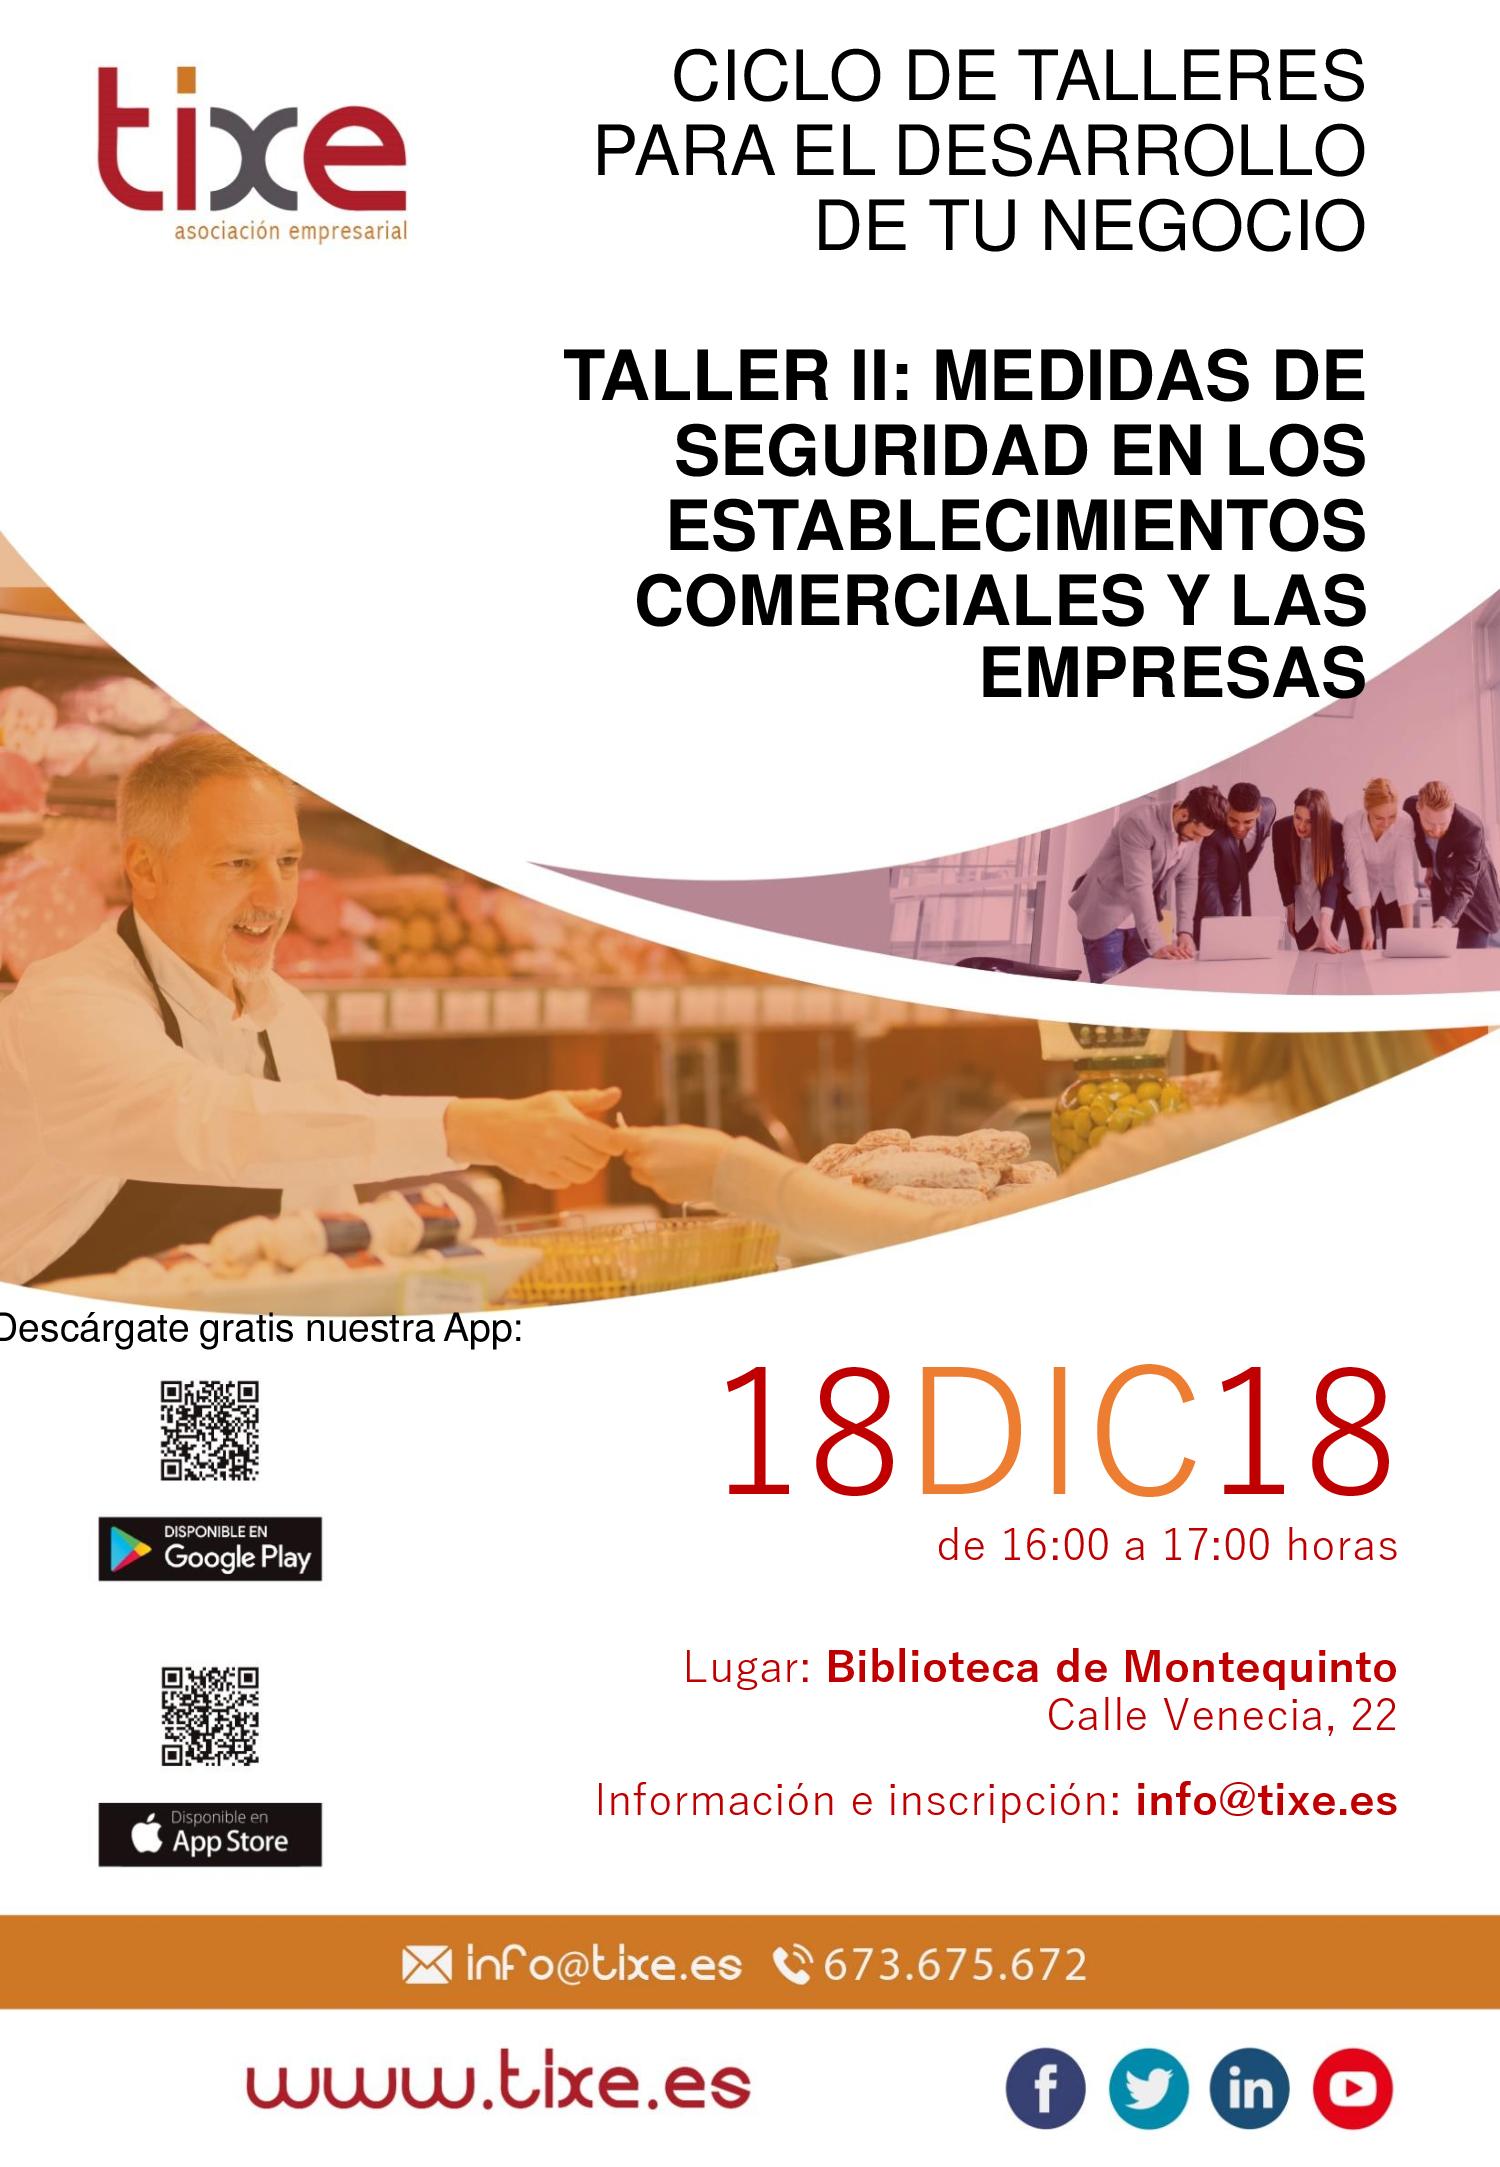 Cartel Taller II de Tixe: Medidas de Seguridad en los establecimientos comerciales y las empresas